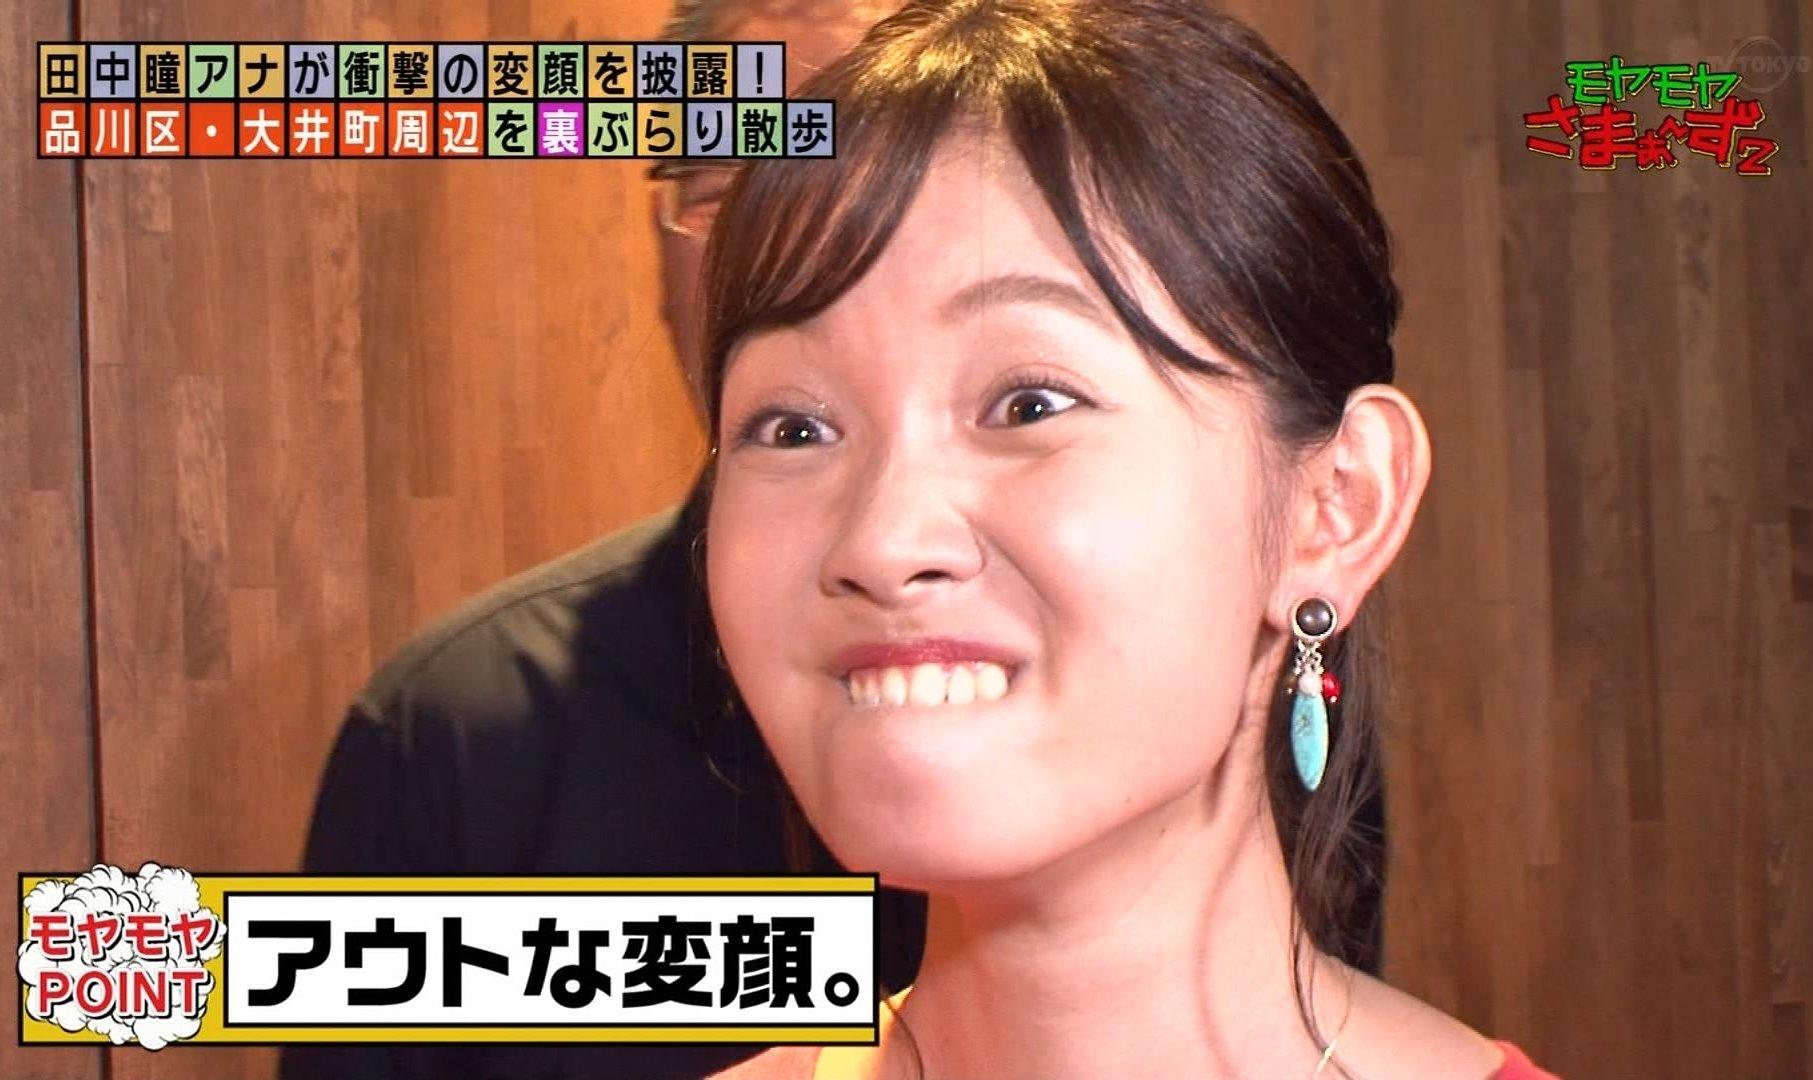 田中瞳の変顔